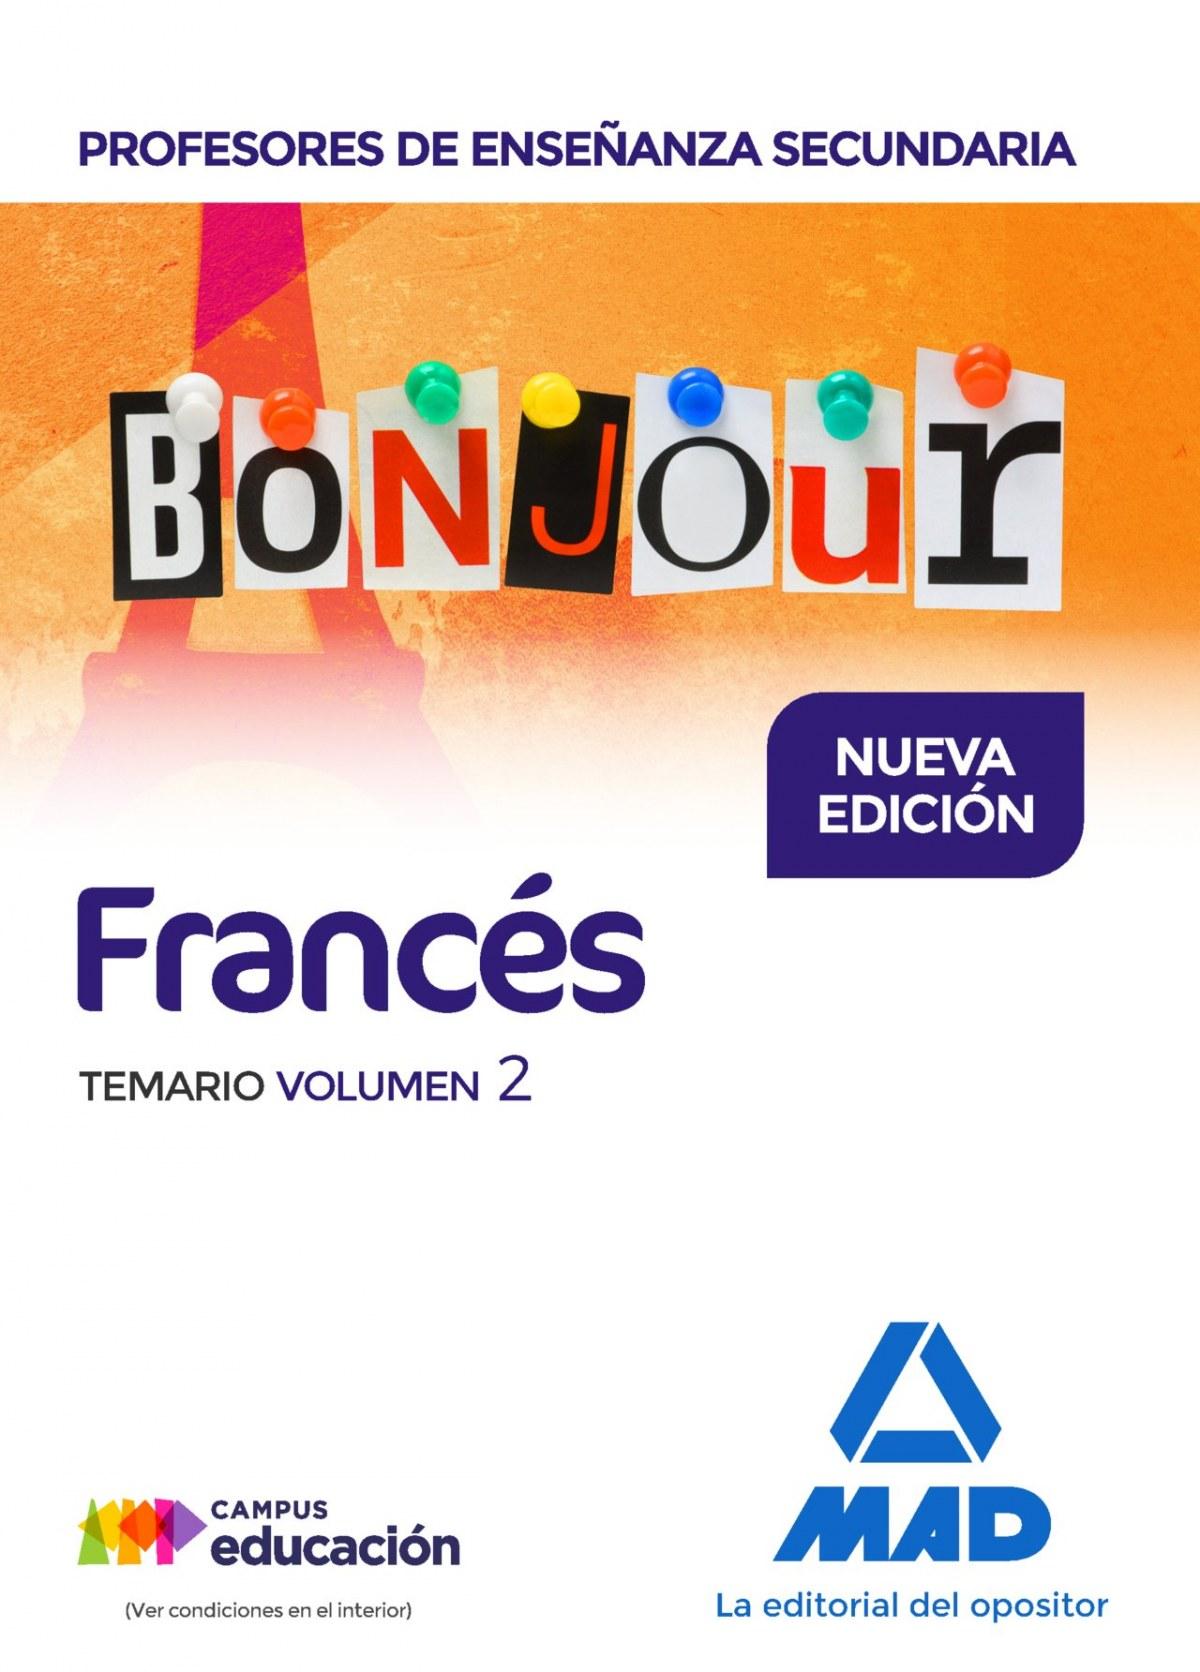 PROFESORES DE ENSEÑANZA SECUNDARIA FRANCES BONJOUR